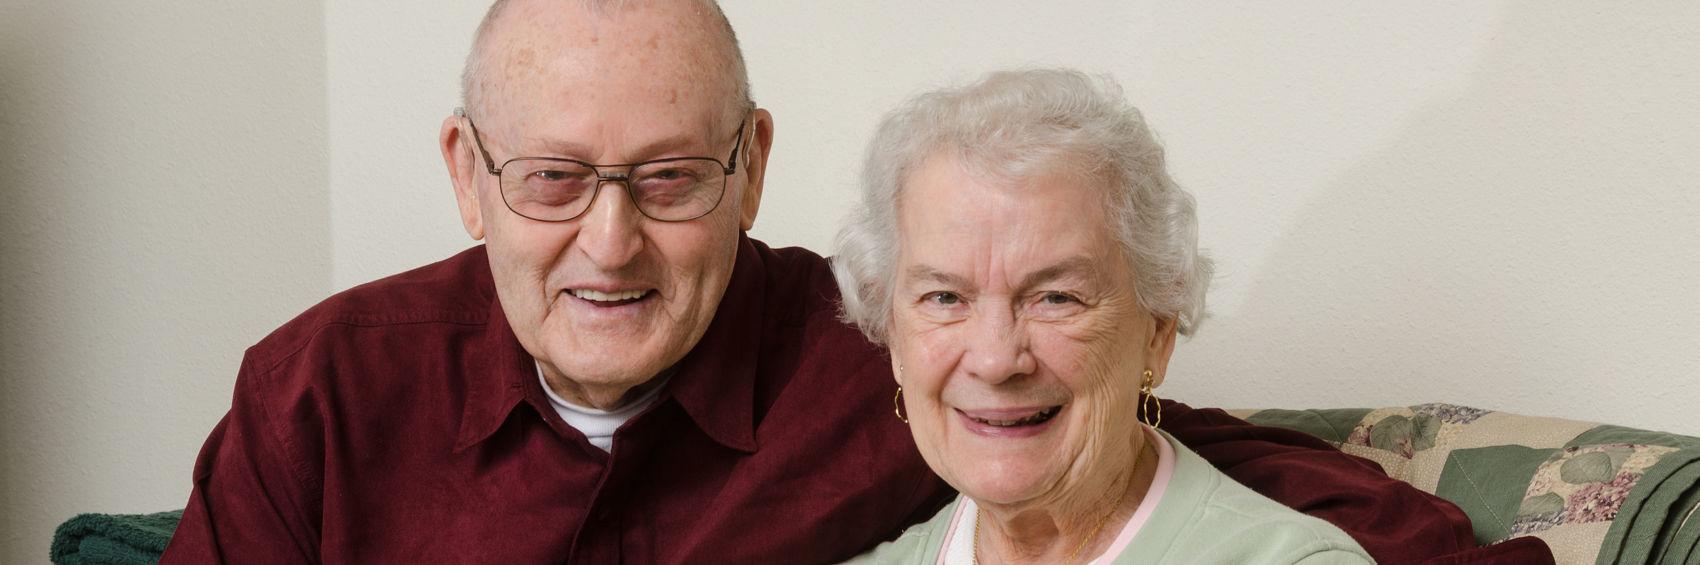 gelukkig-ouder-paar